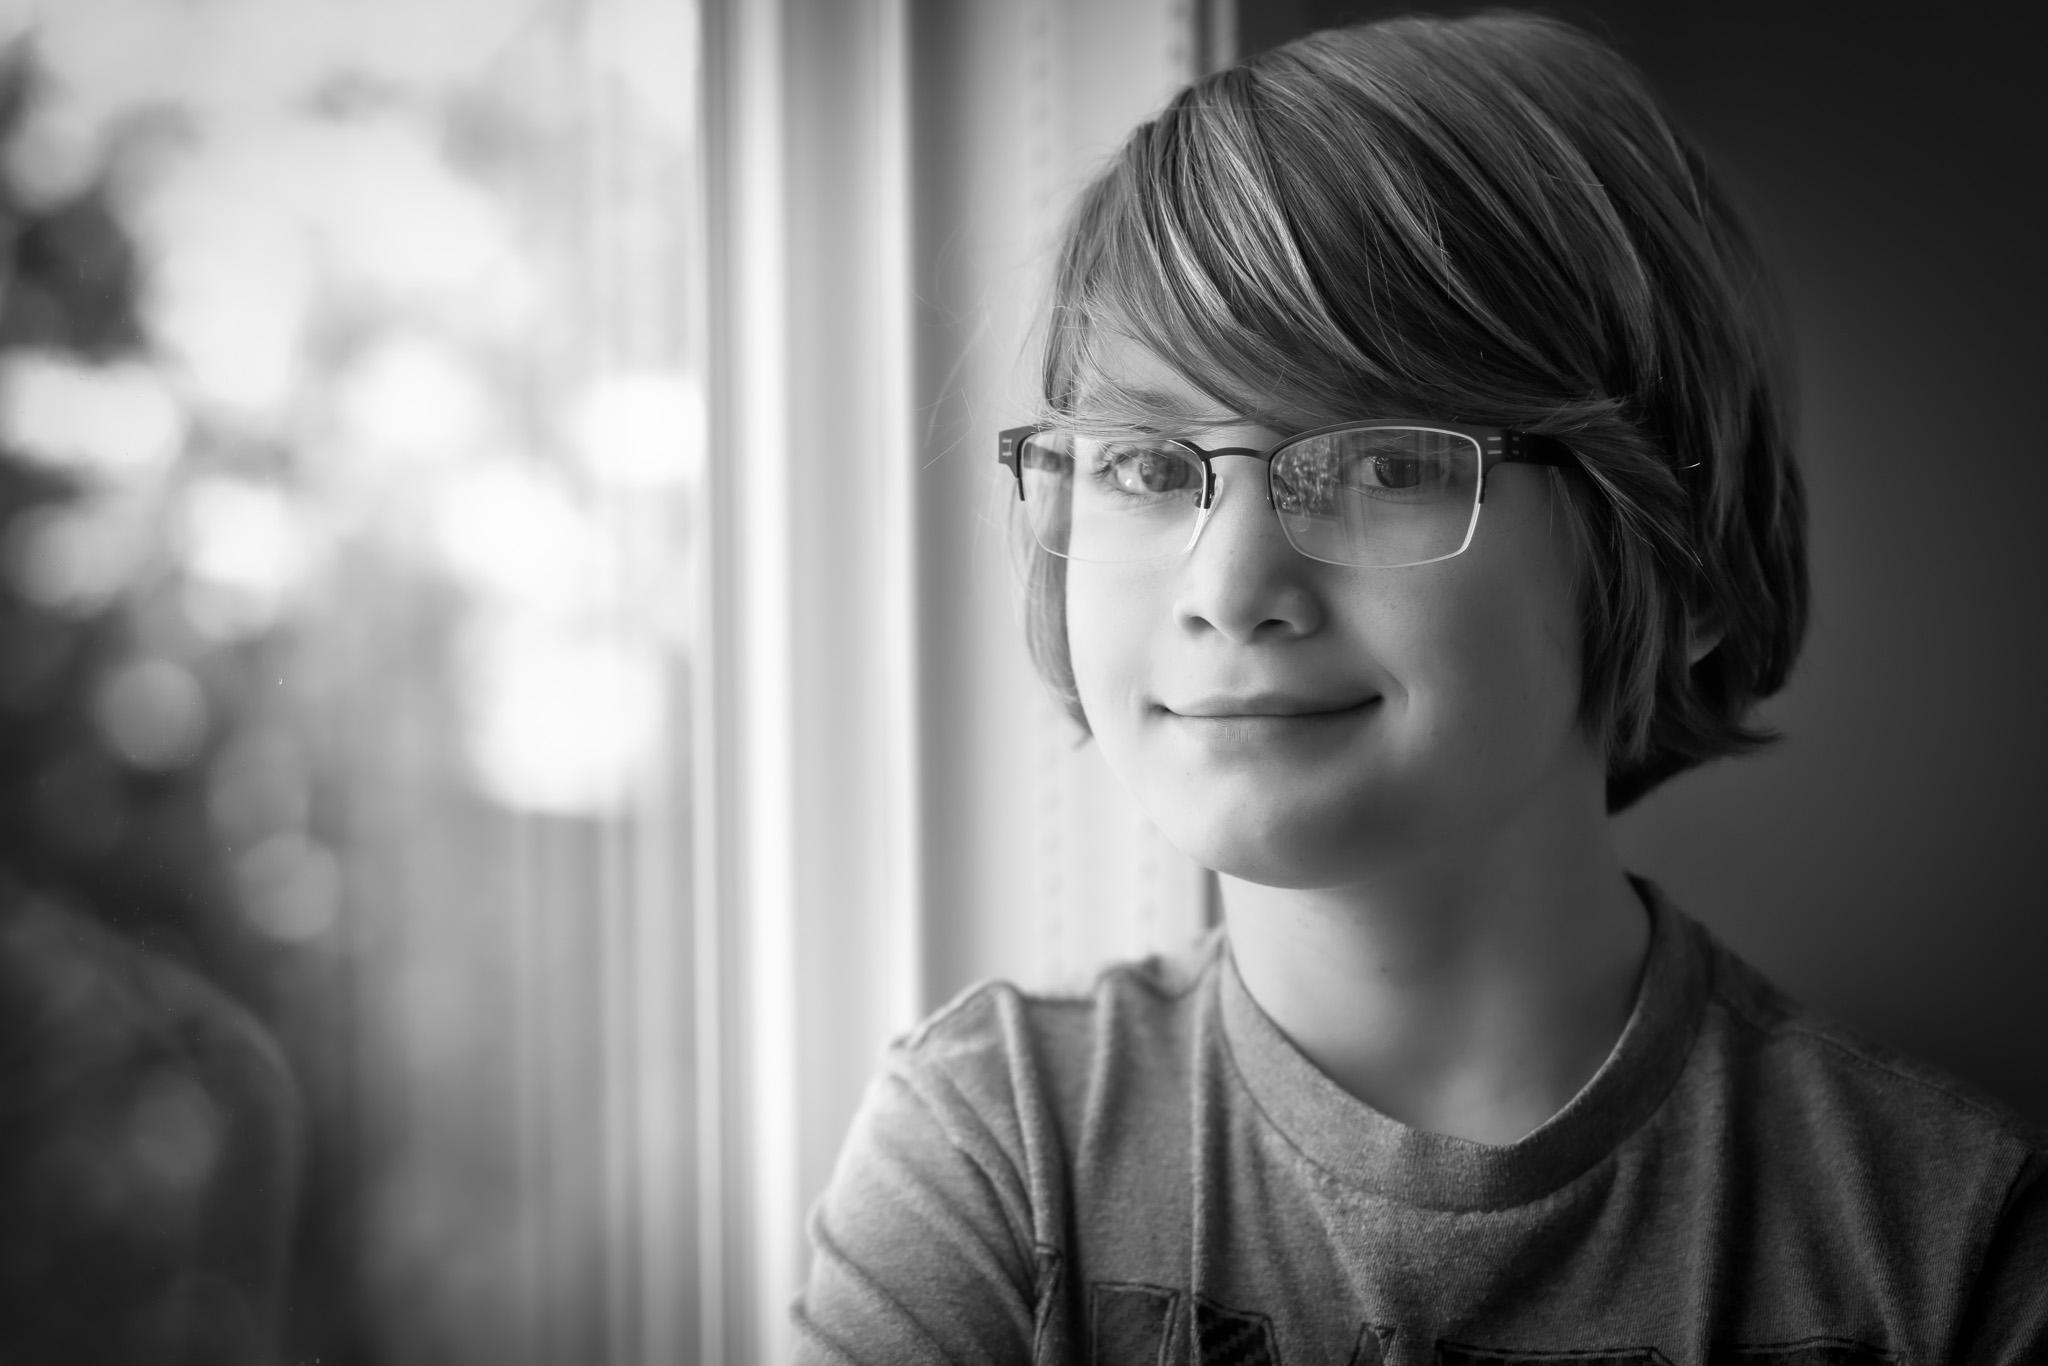 Daniel has glasses